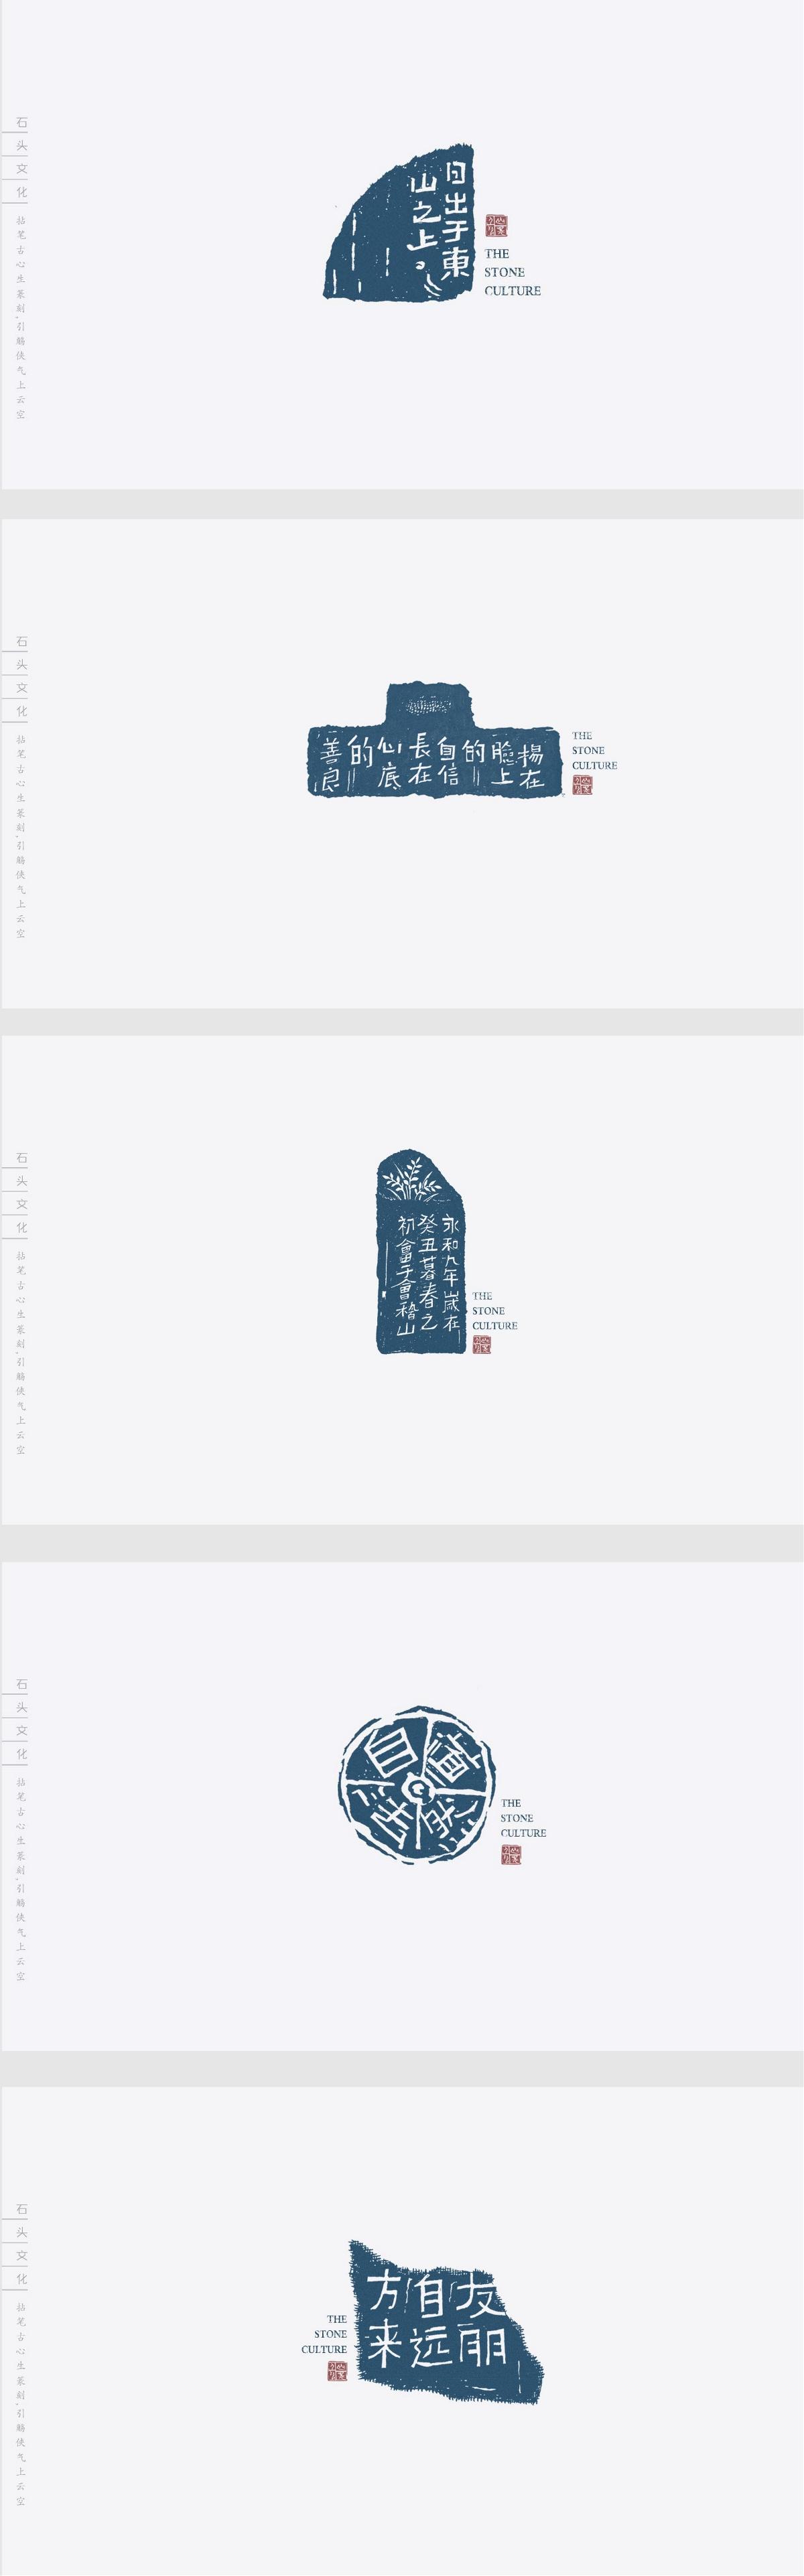 石头文化_印章_食品包装_快消品包装_特产包装设计_品牌